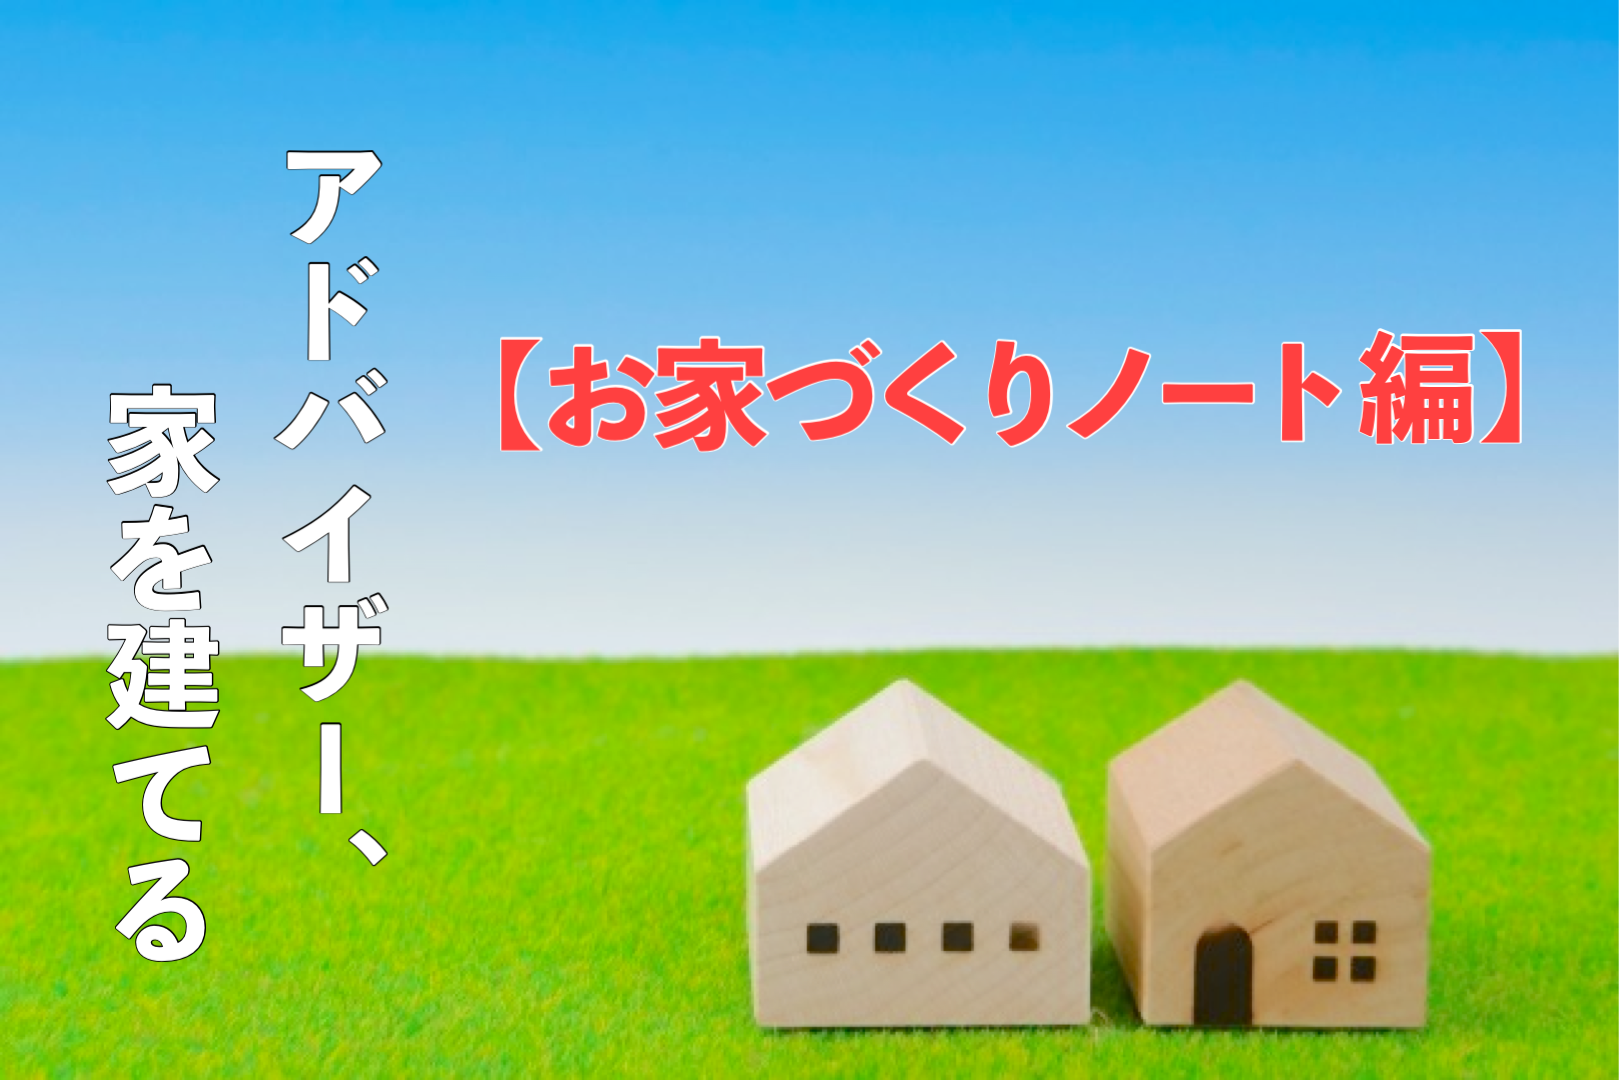 アドバイザー、家を建てる【お家づくりノート編】のイメージ